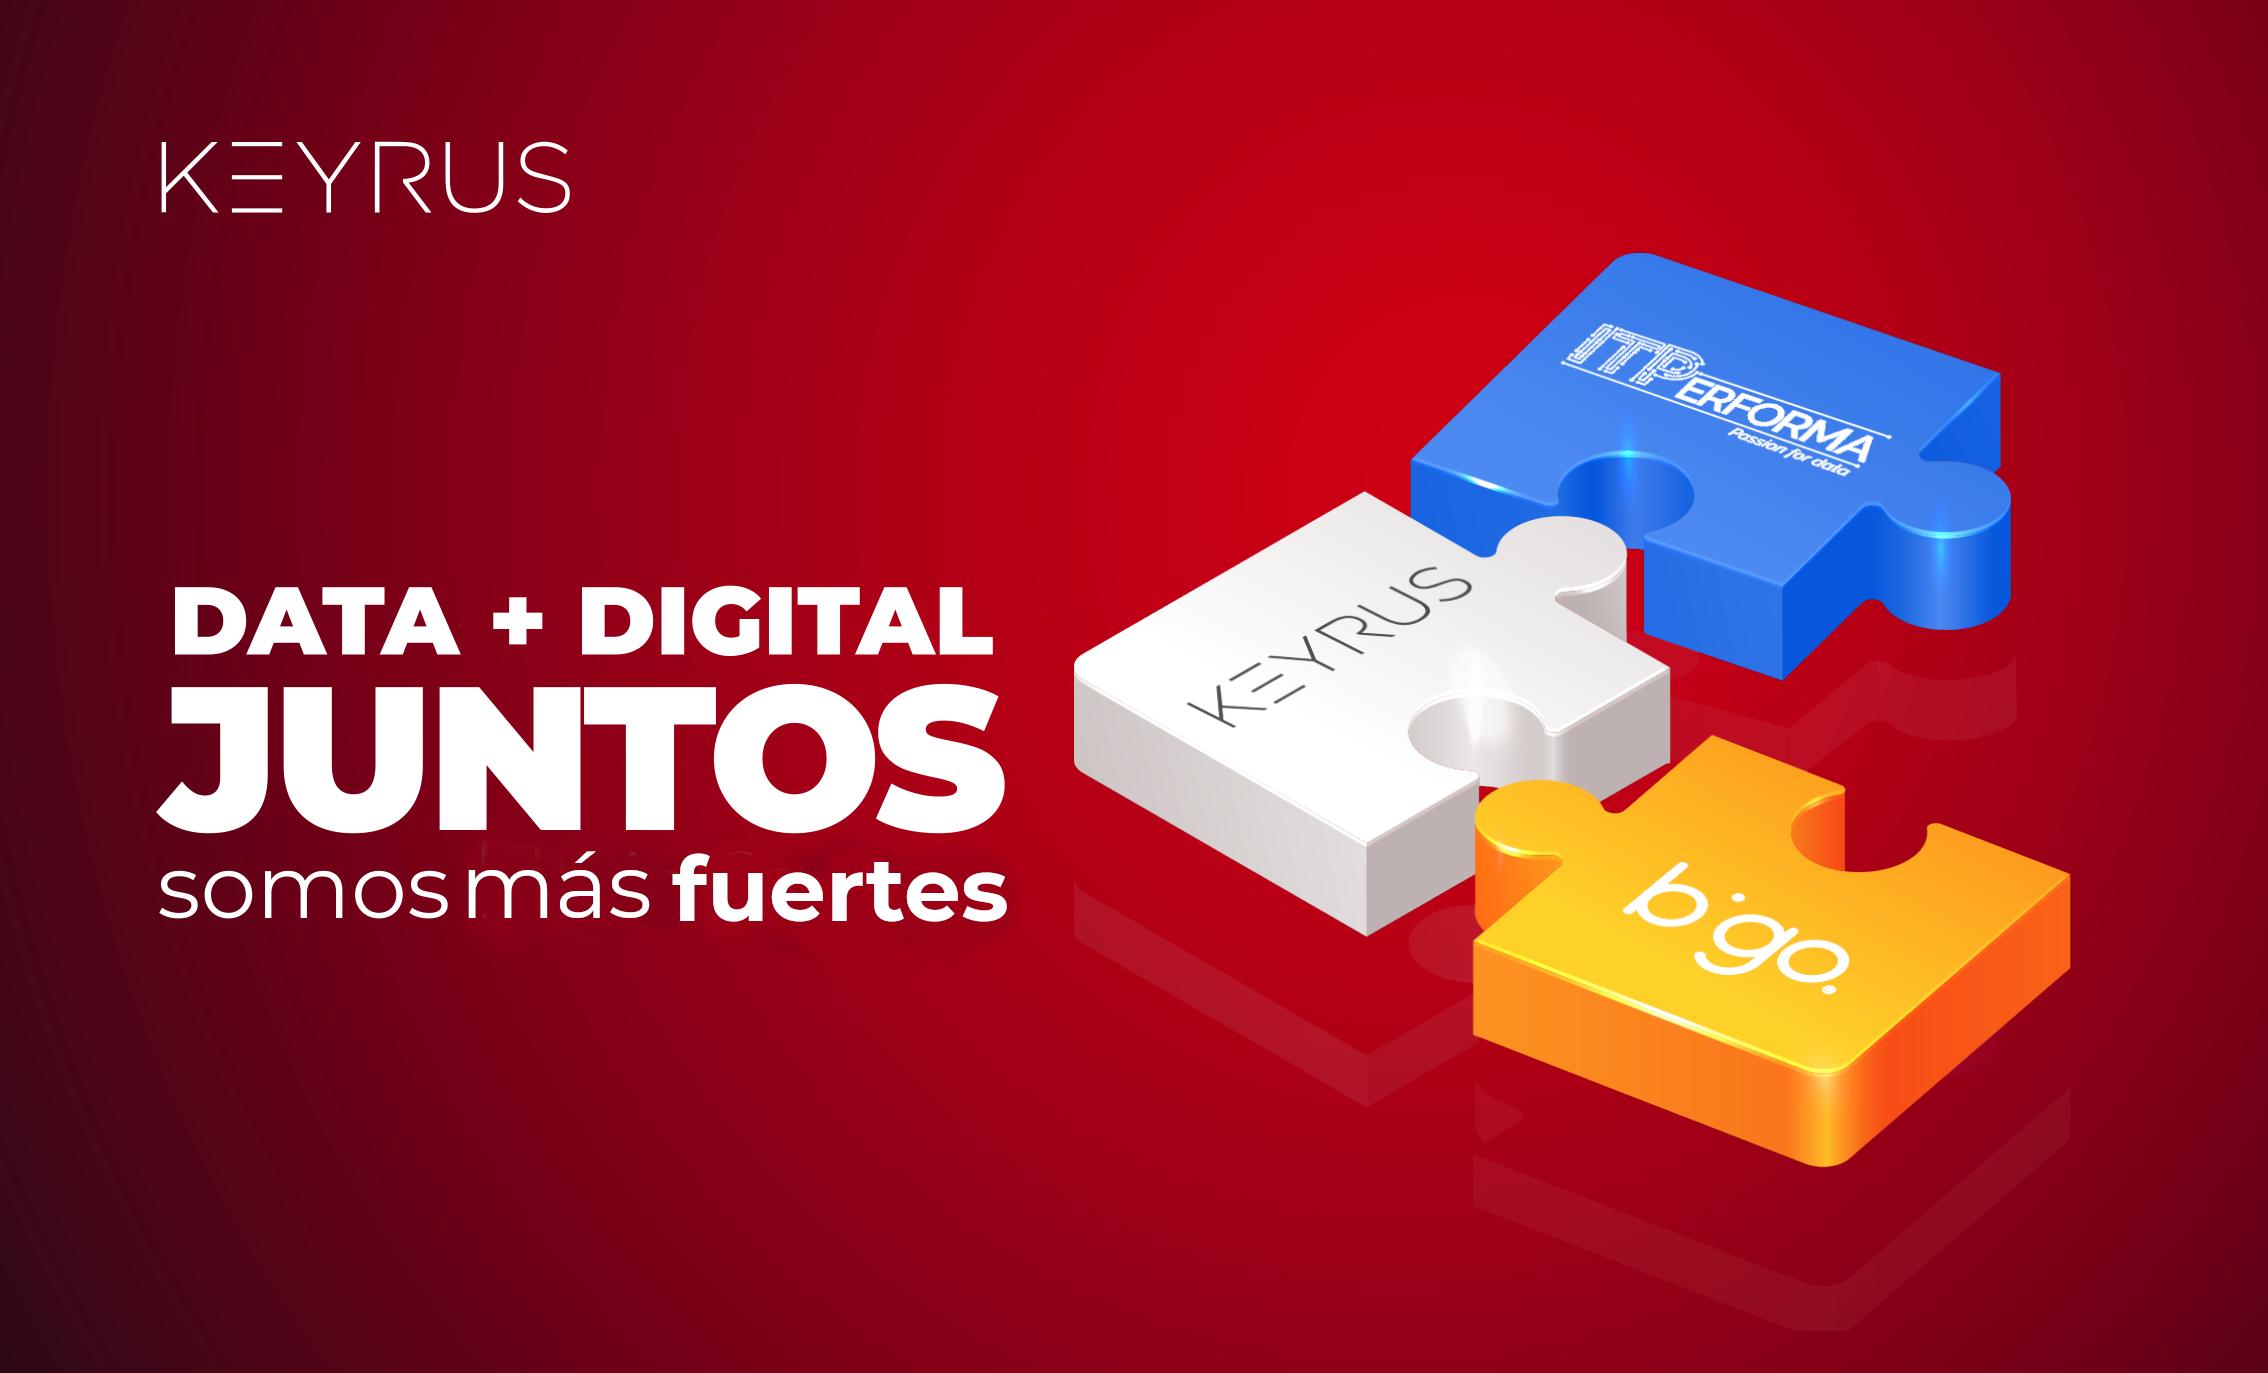 eCommerce en México se favorecerá con la compra de Bigo, por Keyrus